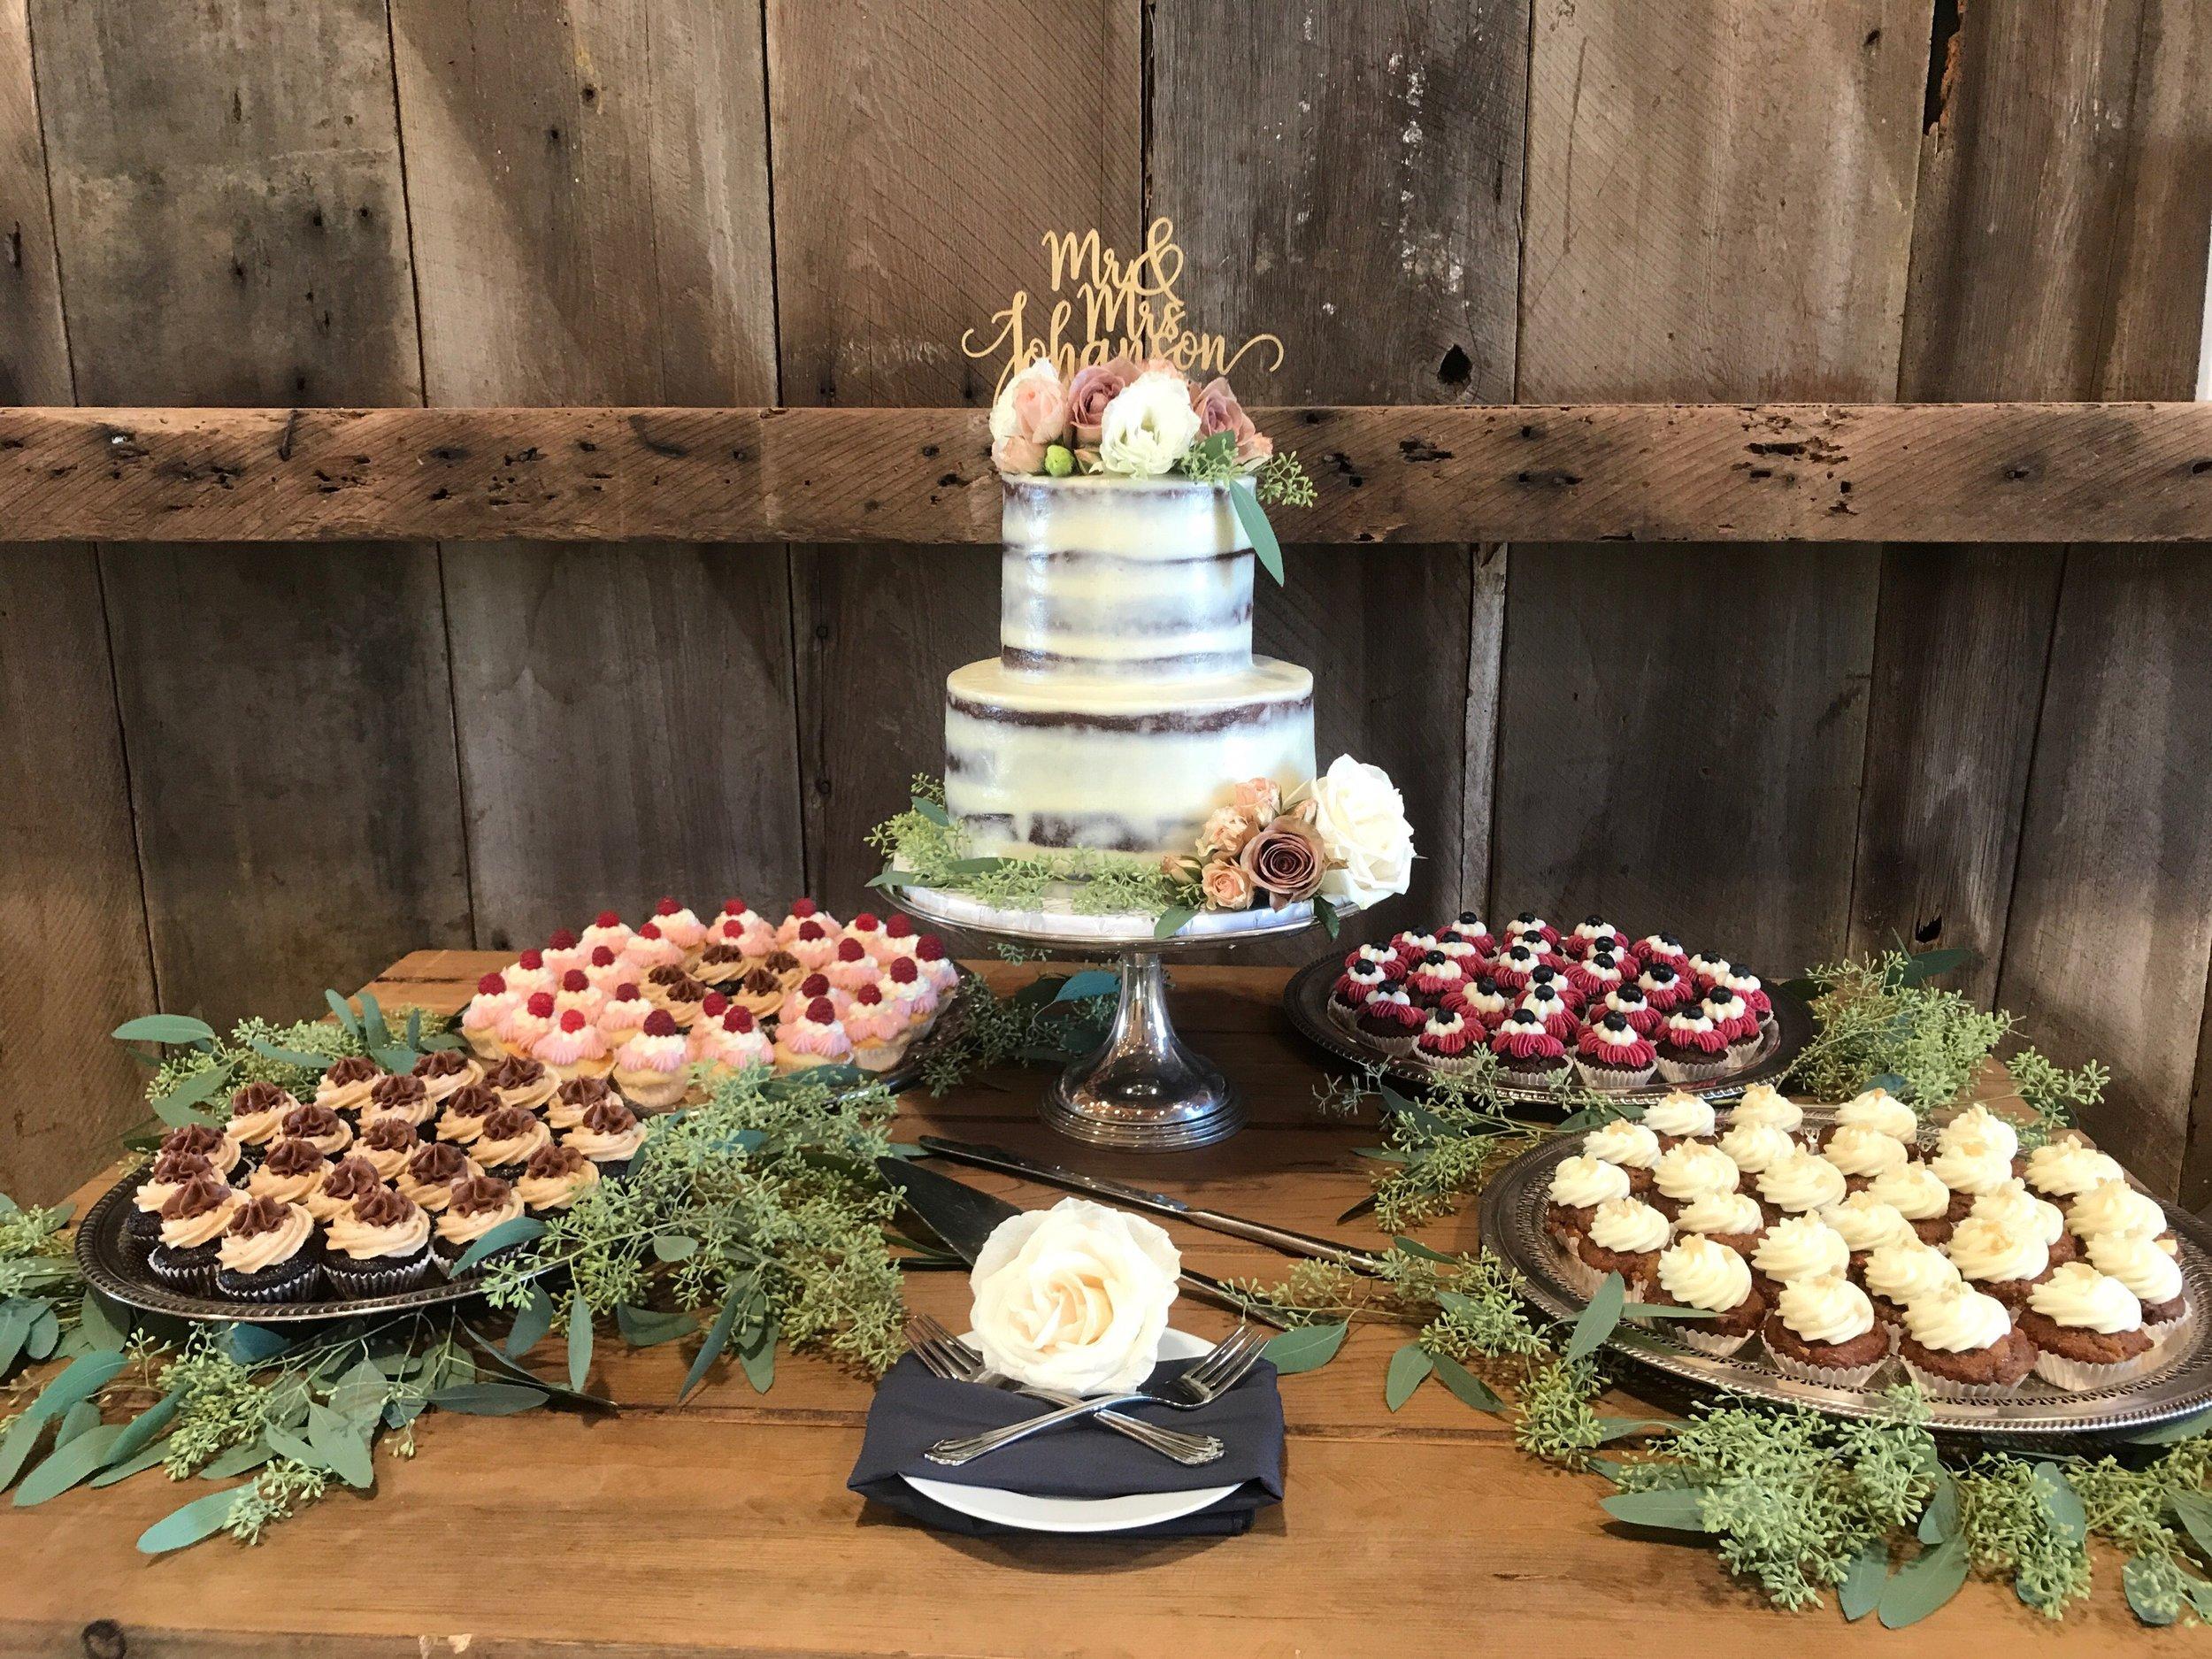 Cake: (From left to right) Vegan Almond Maple, Bramble, Gluten-Free Carrot Ginger